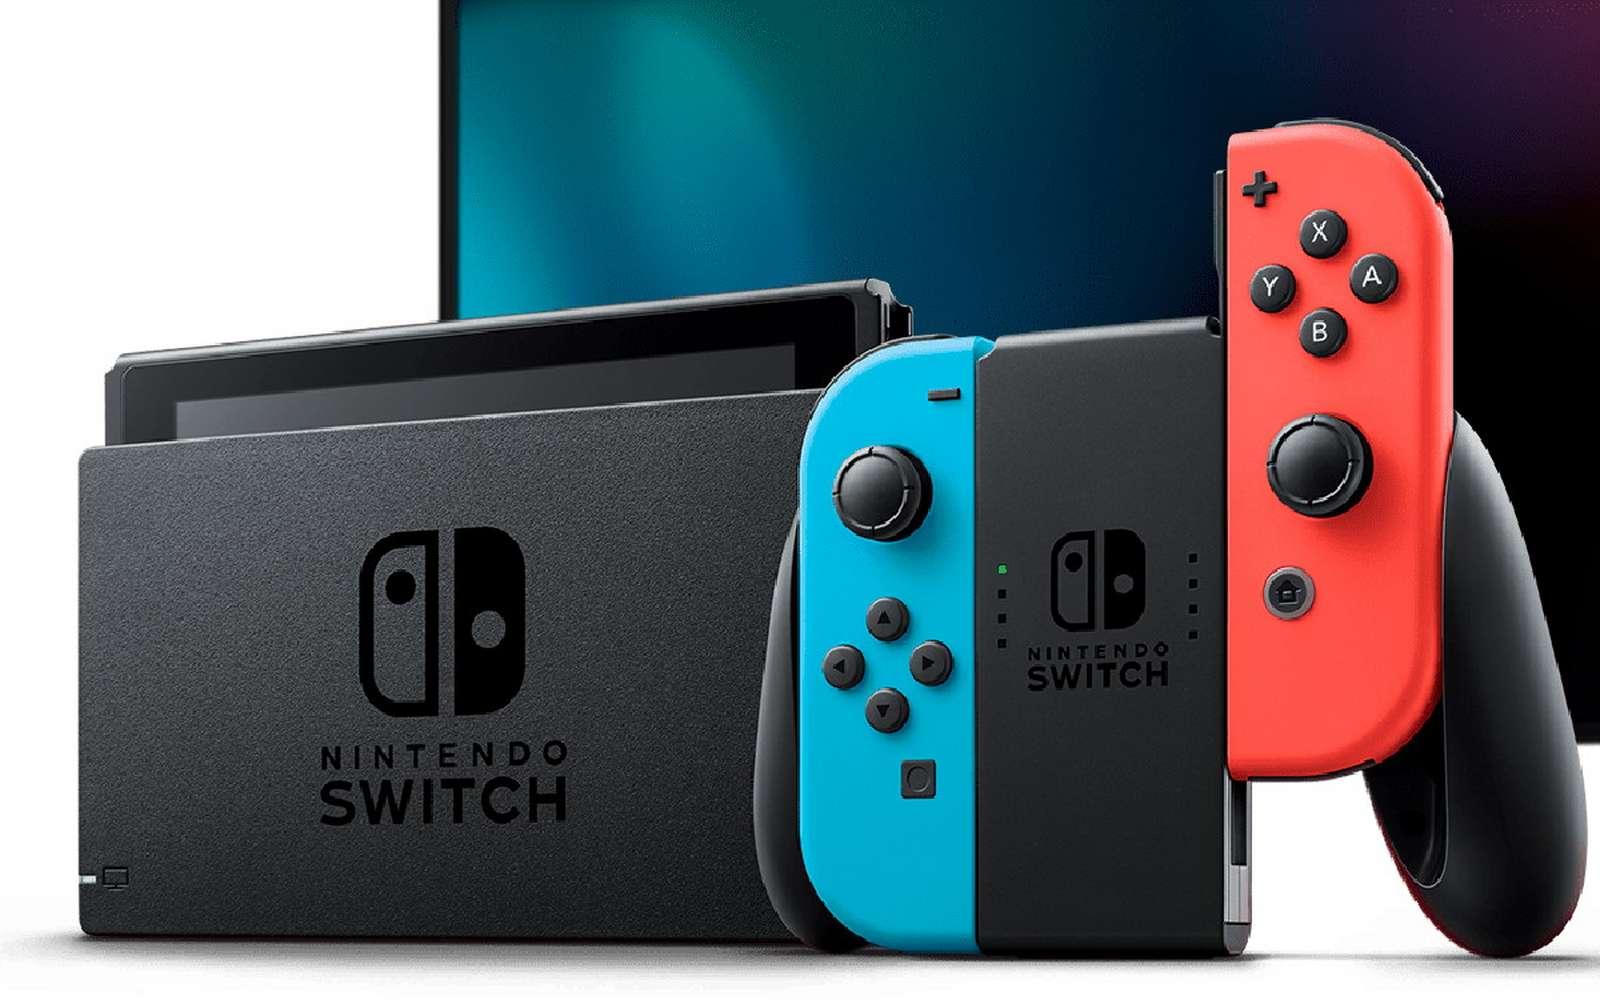 Un bout de carton placé derrière le composant électronique du joystick suffit à régler le problème du Joy-Con Drift sur la Switch. © Nintendo